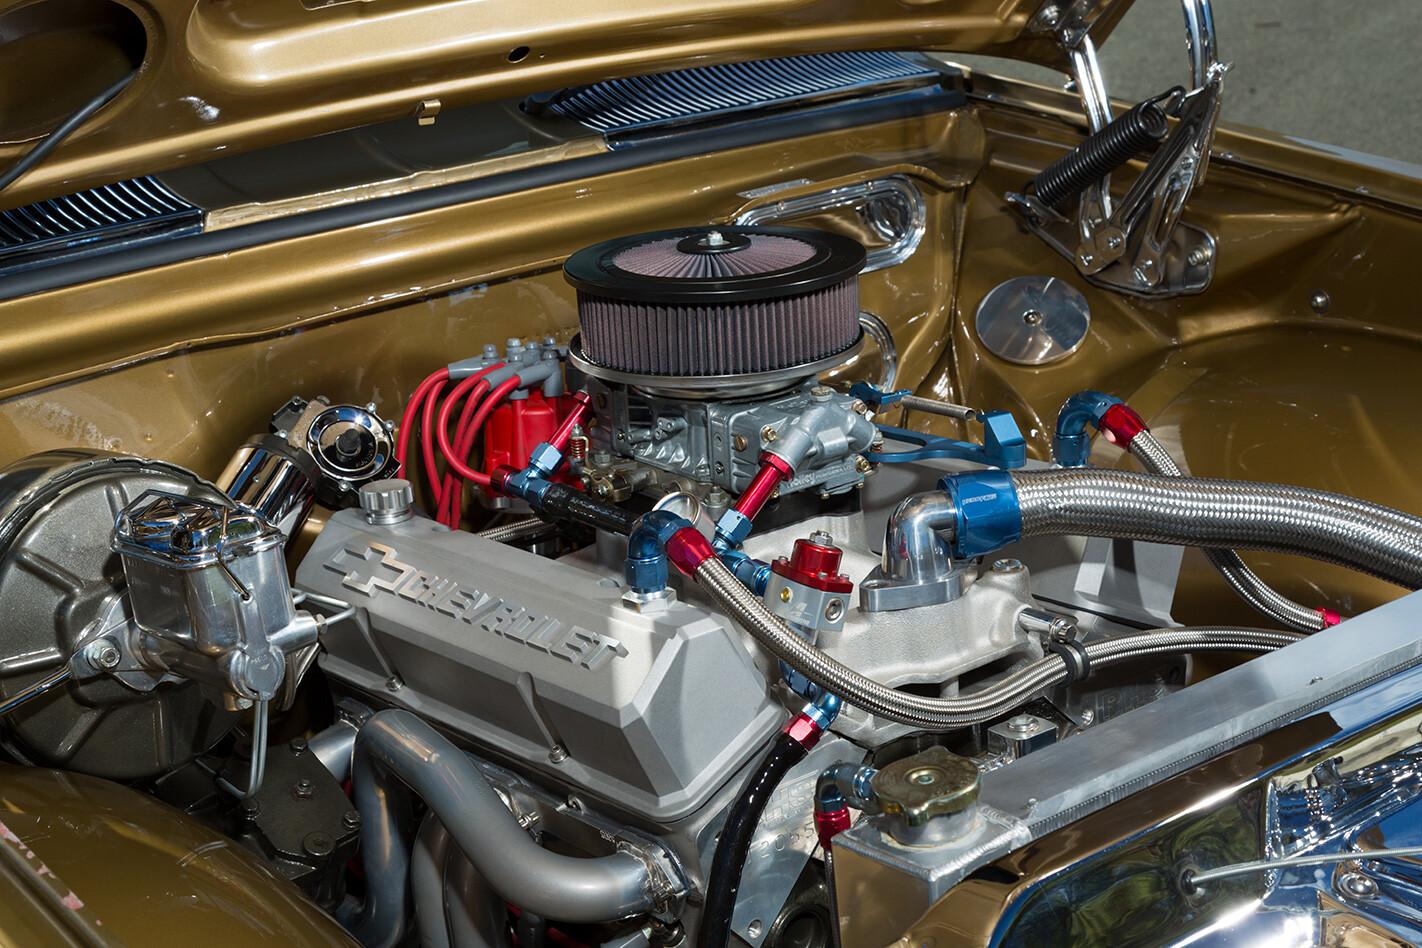 1969 HT HOLDEN PREMIER engine